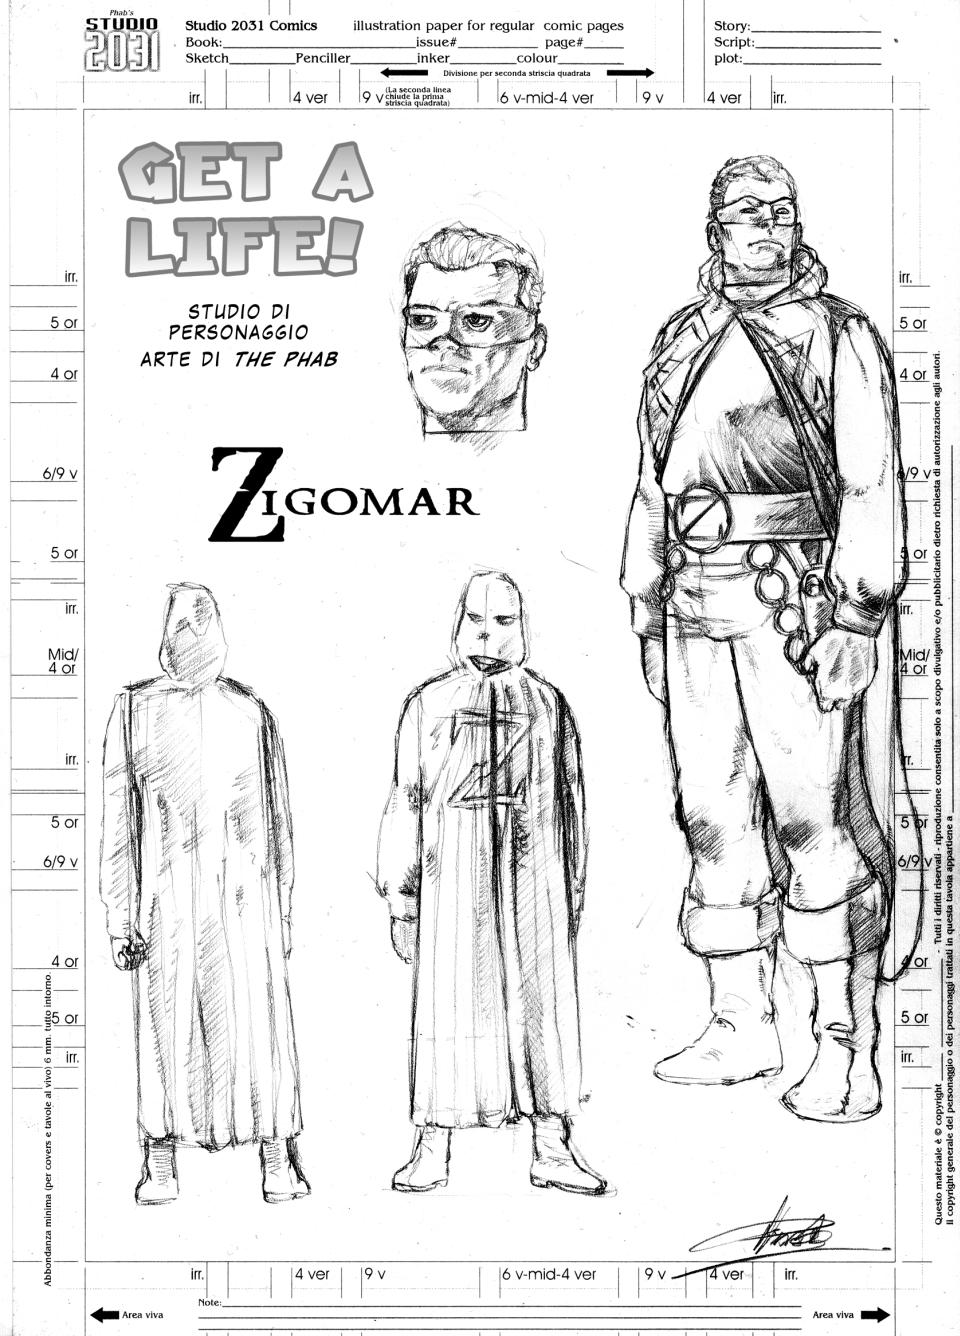 Studio di personaggio - Zigomar